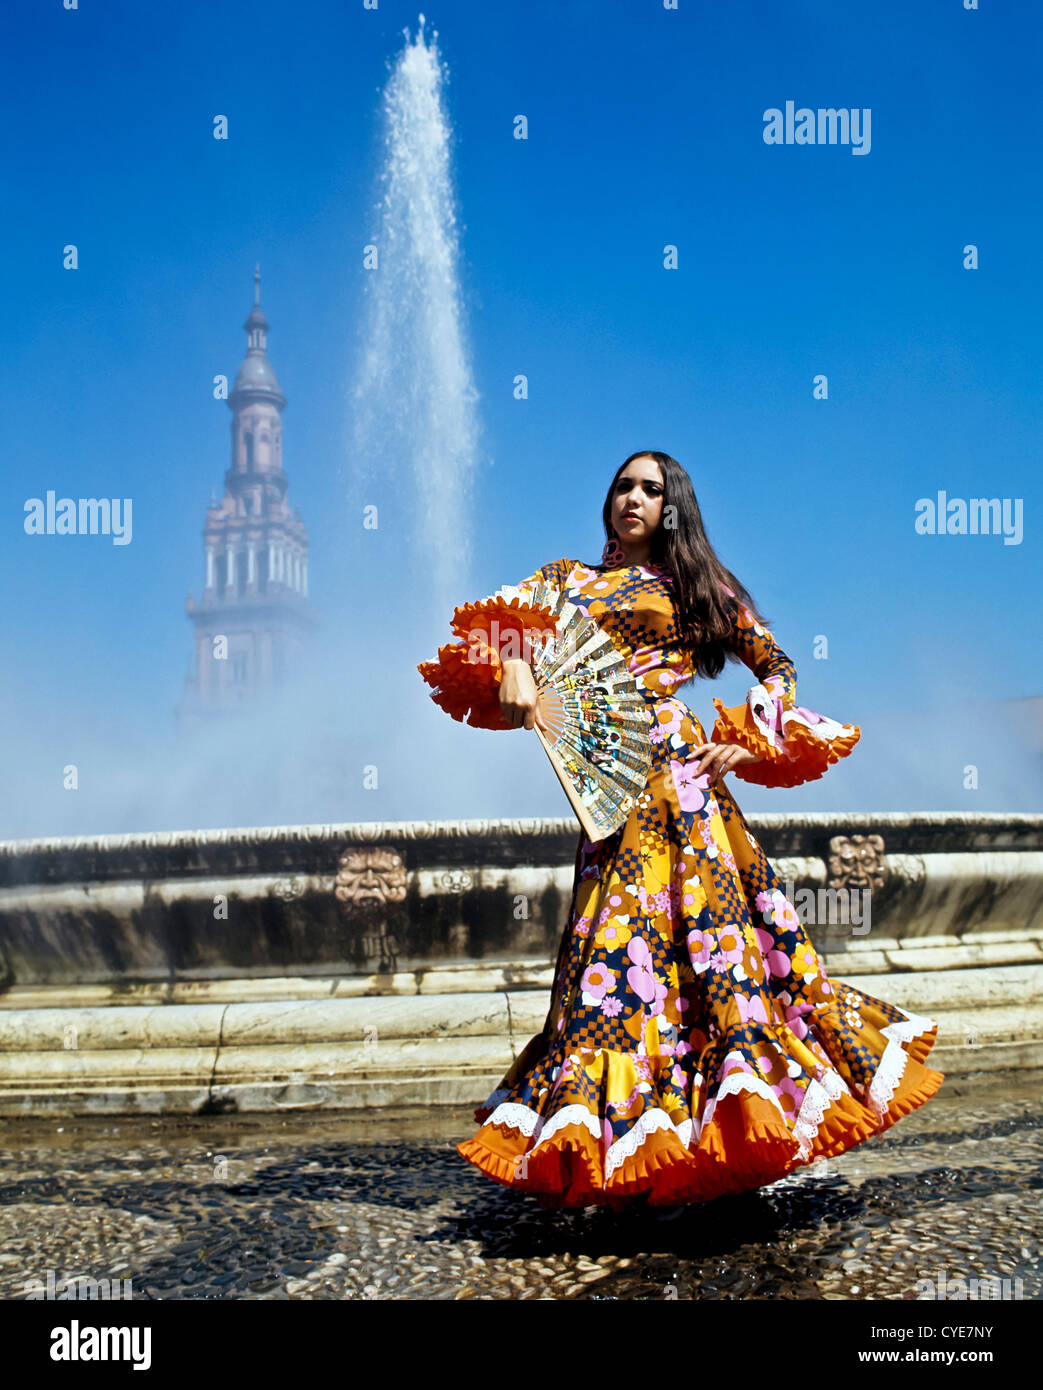 8333. Danseuse de Flamenco, Séville, Espagne, Europe Photo Stock